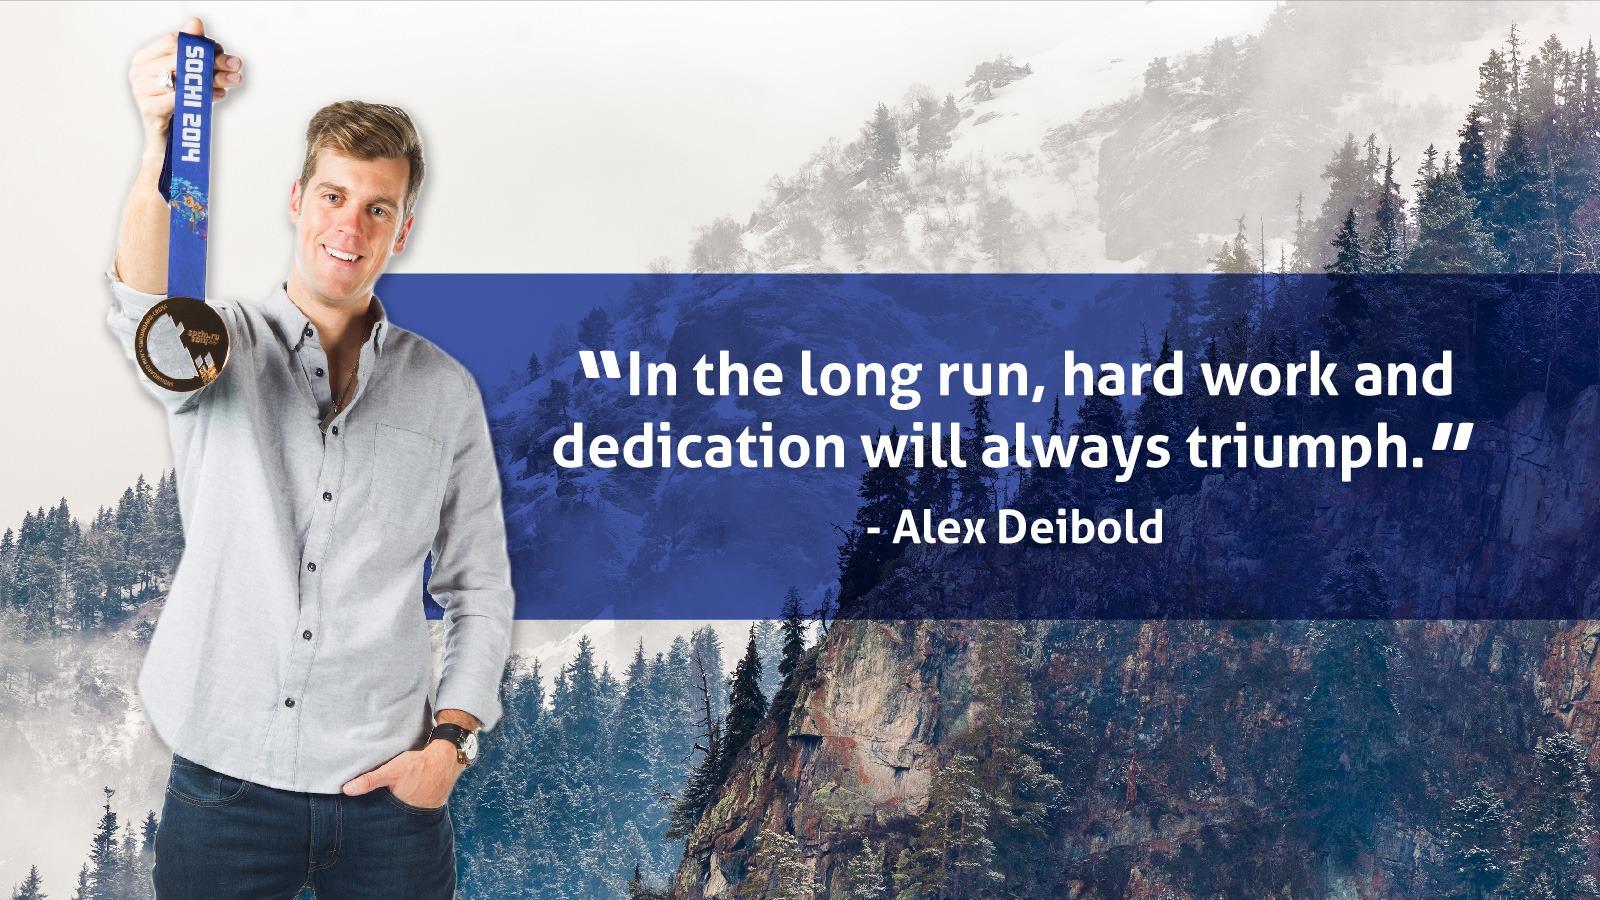 Alex Deibold